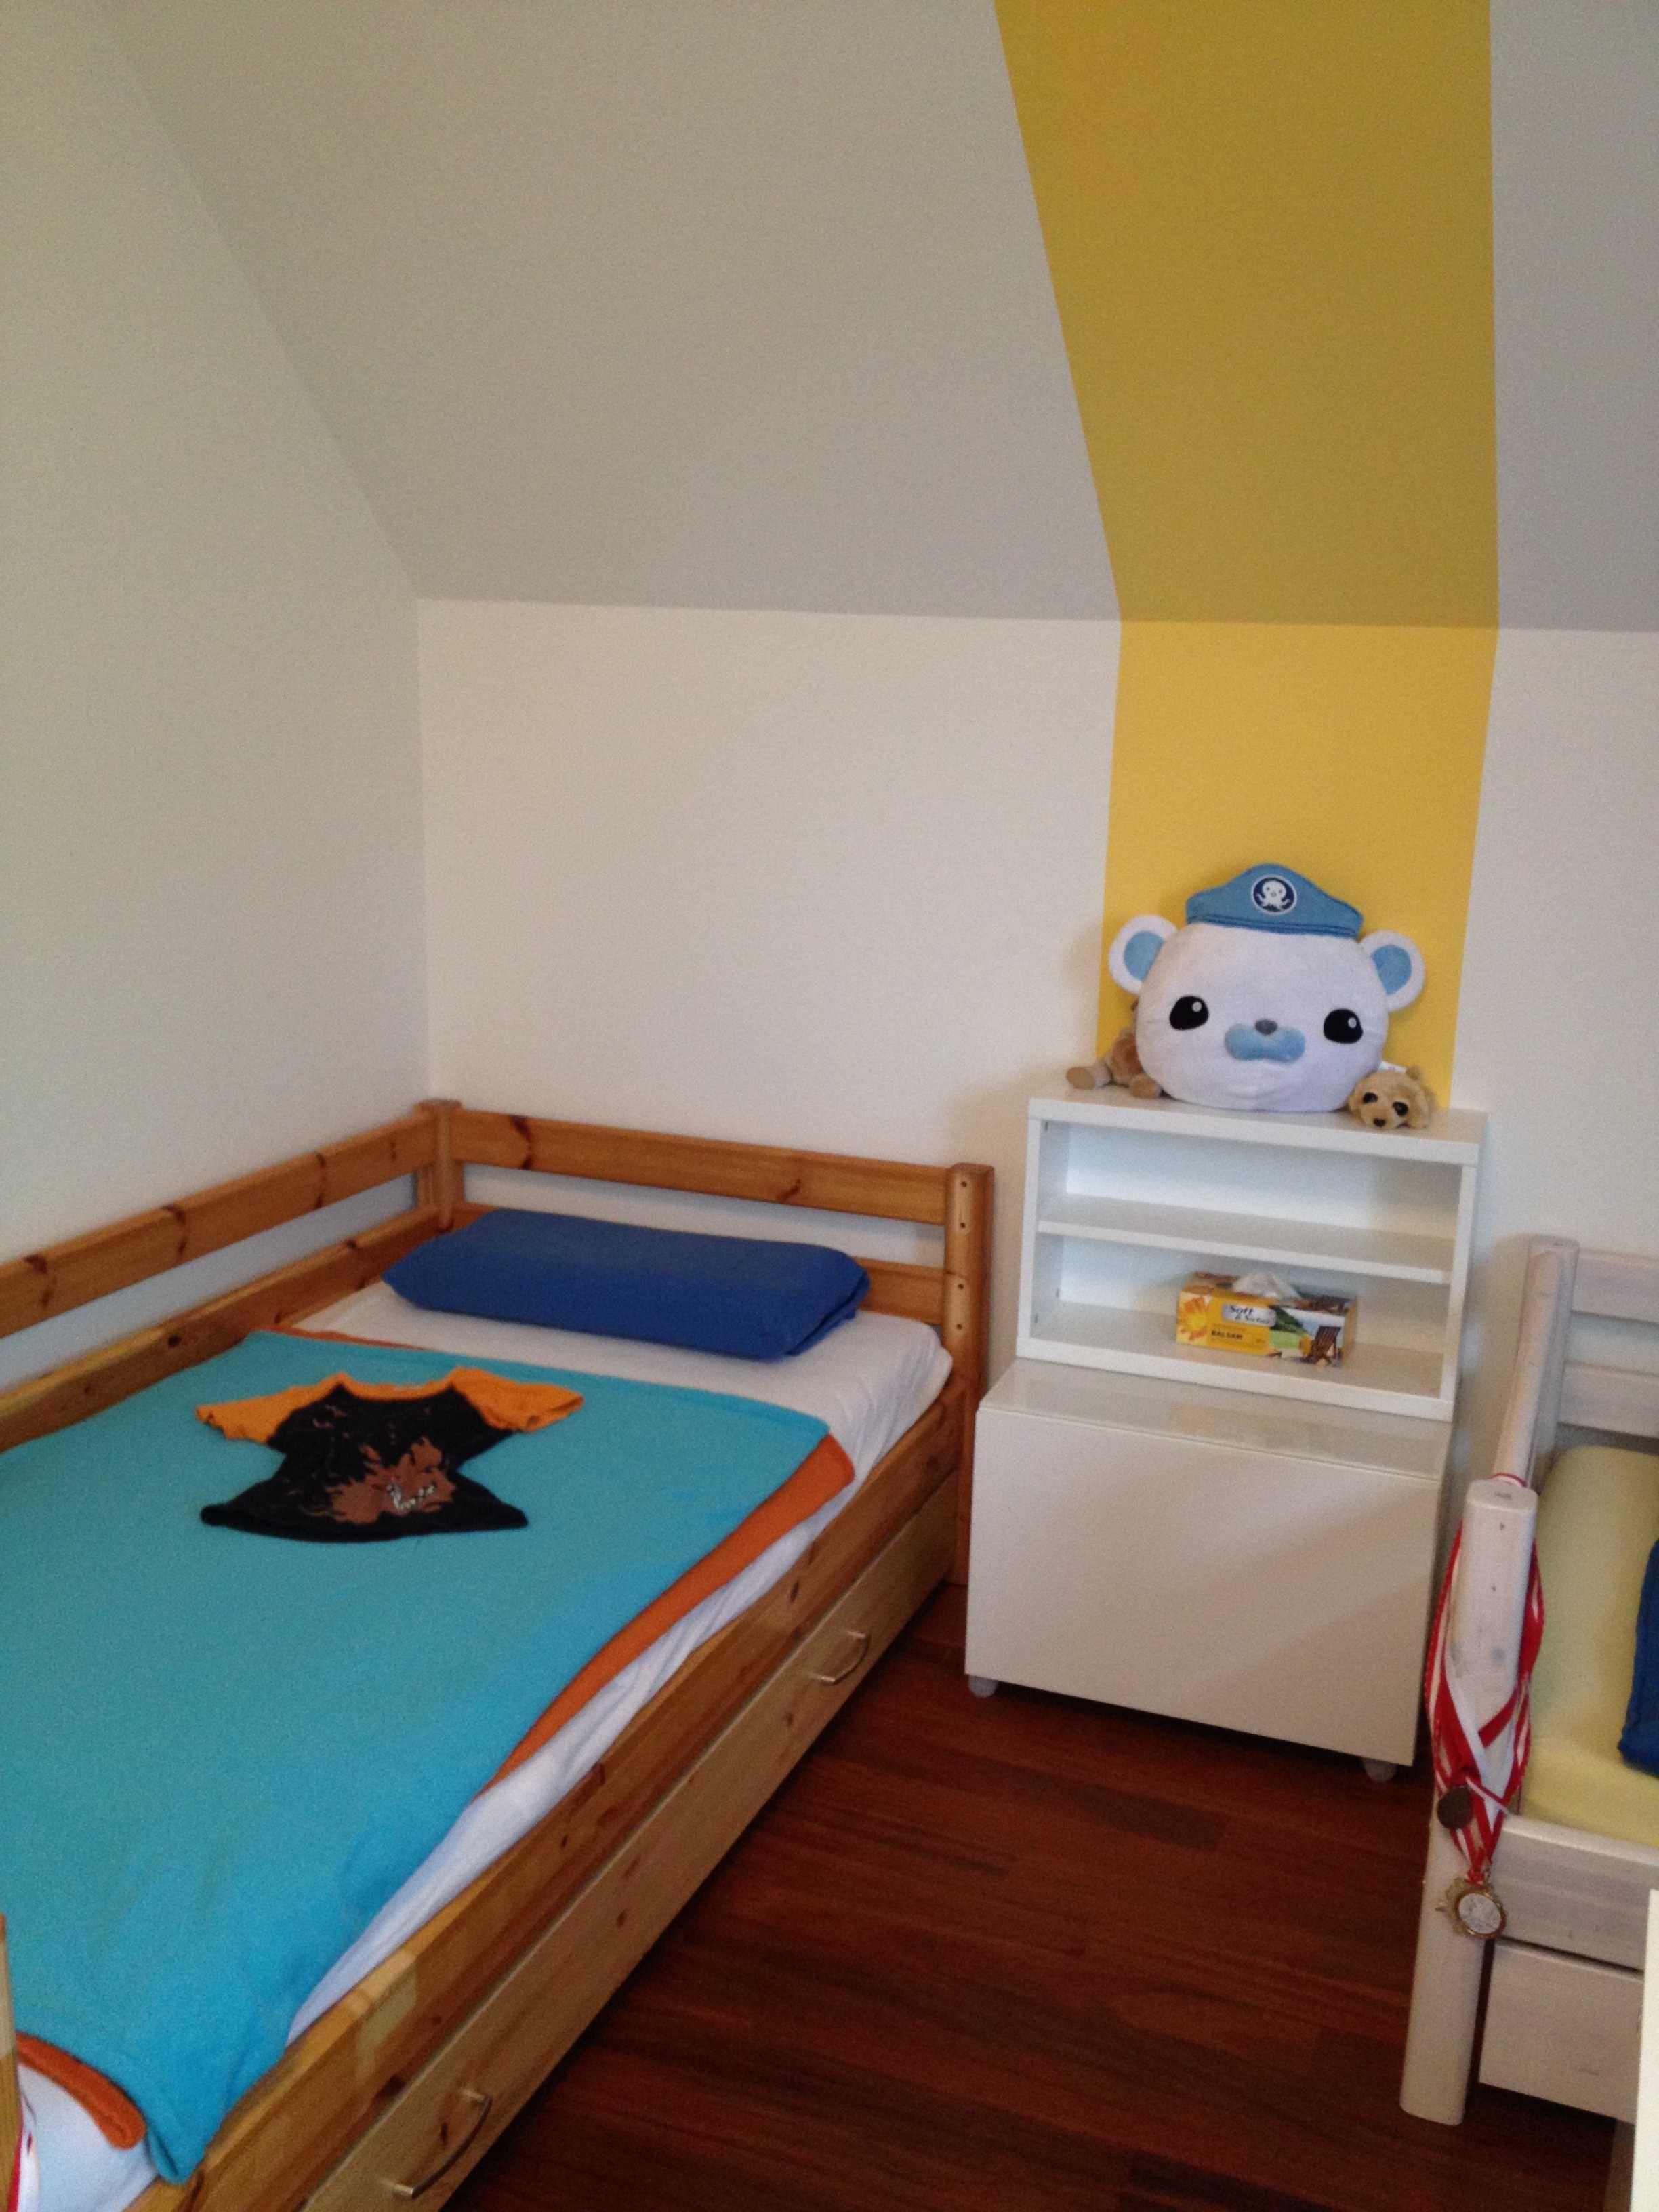 Kinderzimmergestaltung für Geschwister mit Dachschräge